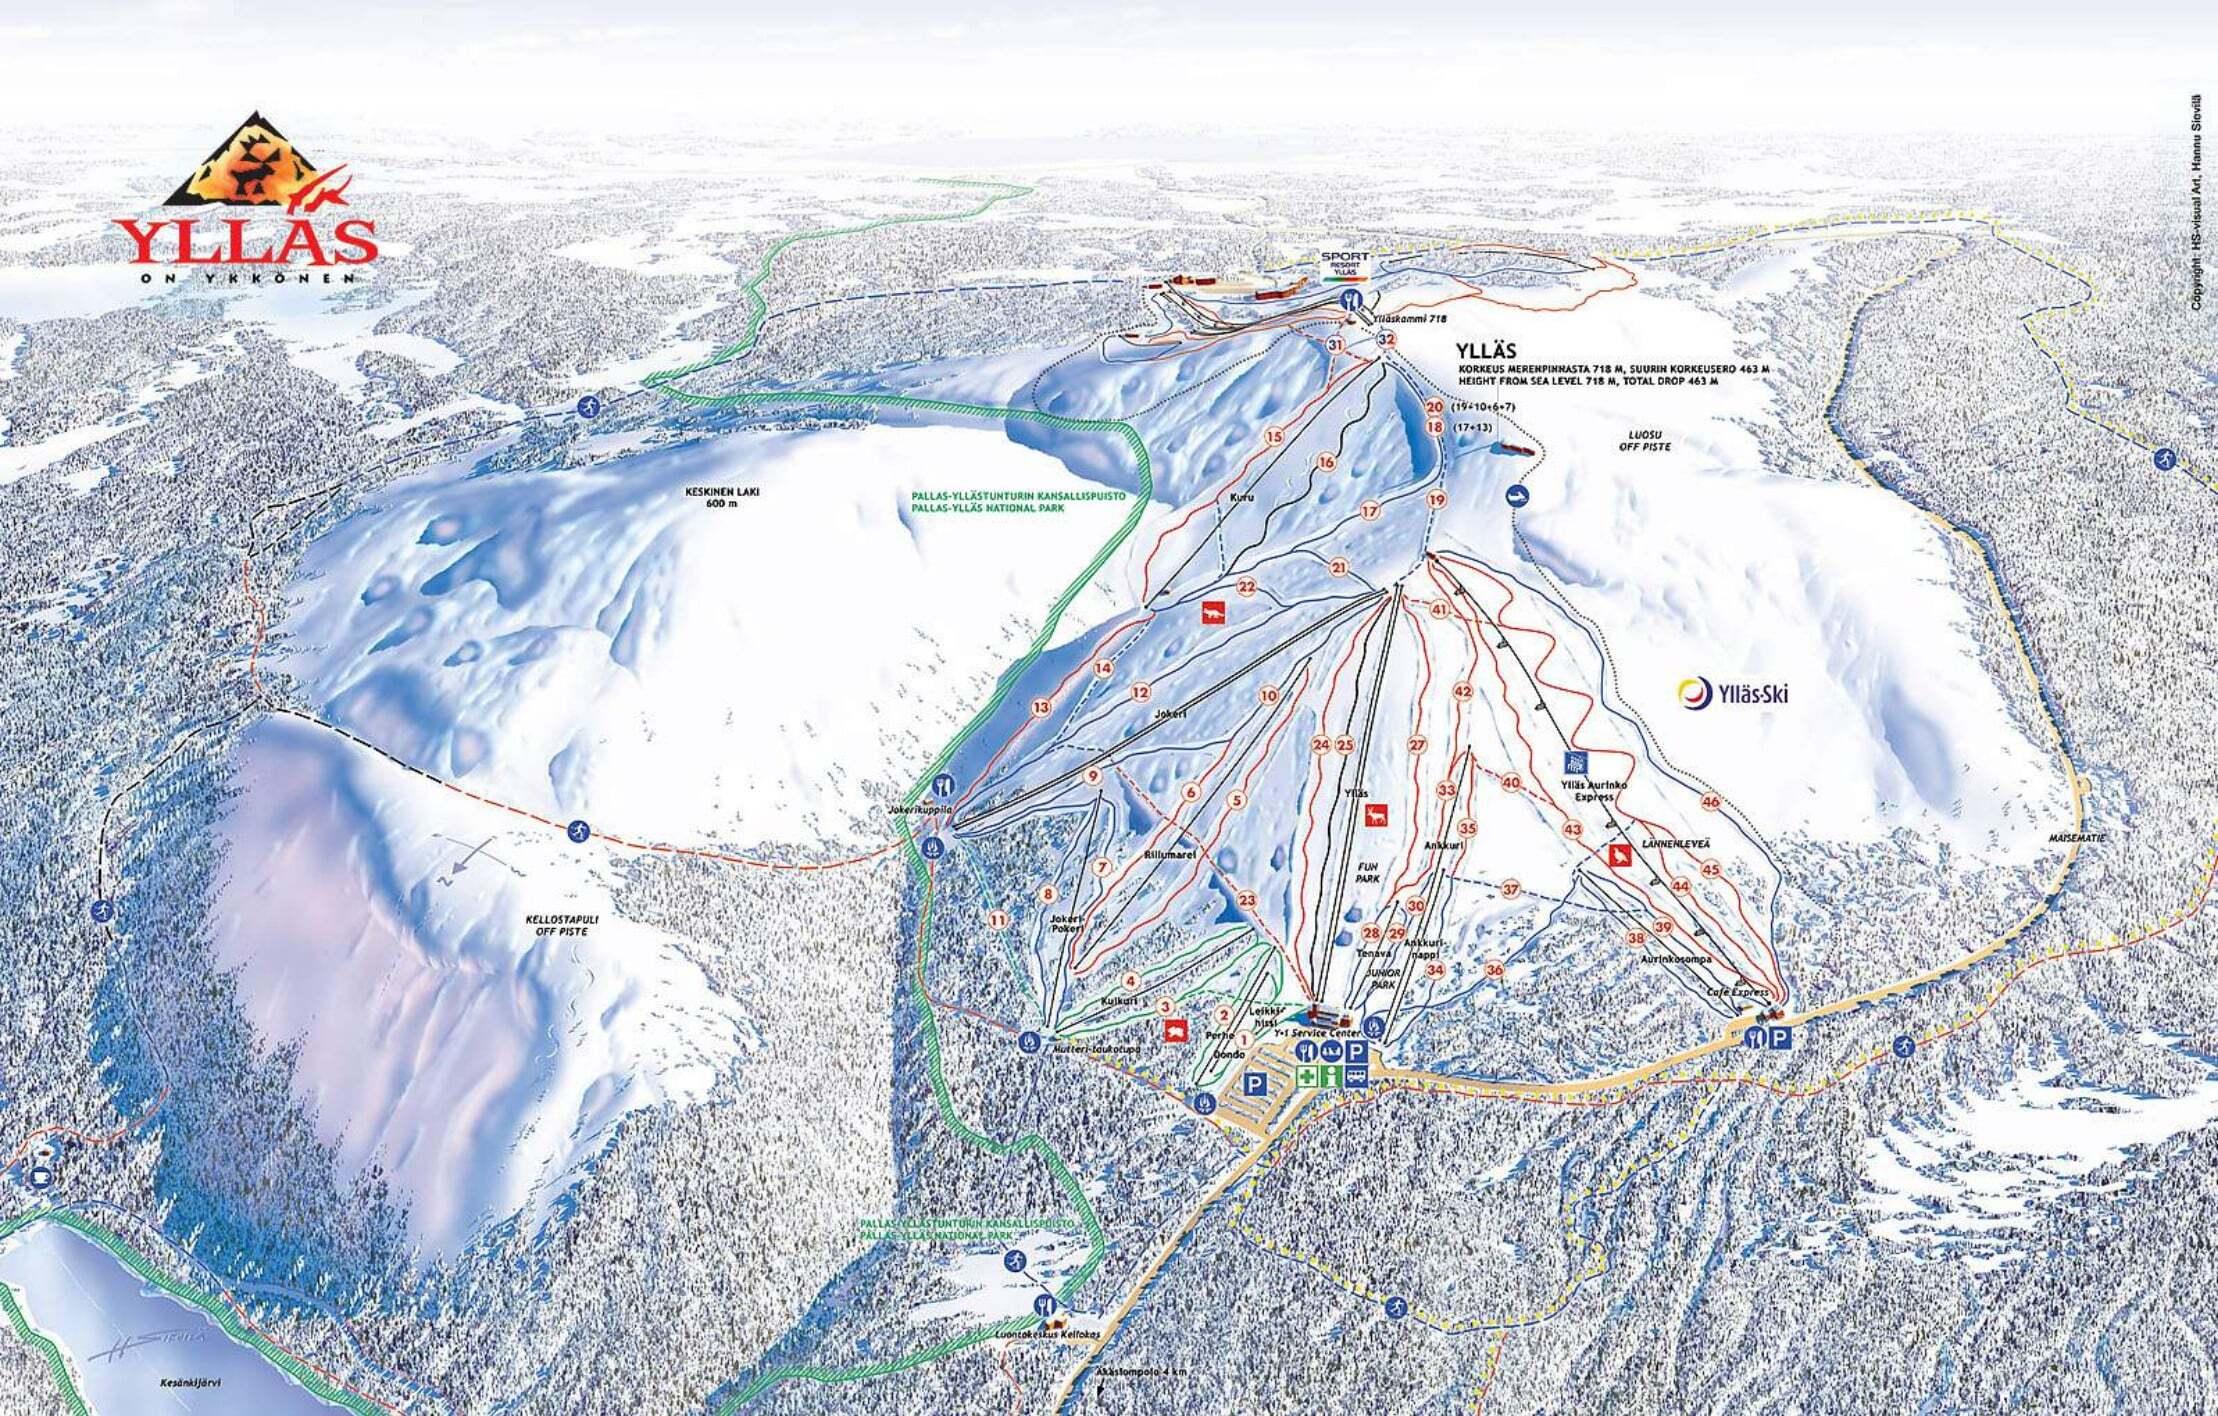 It...  Кликните по изображению, чтобы увидеть полную версию карты трасс в Yllas.